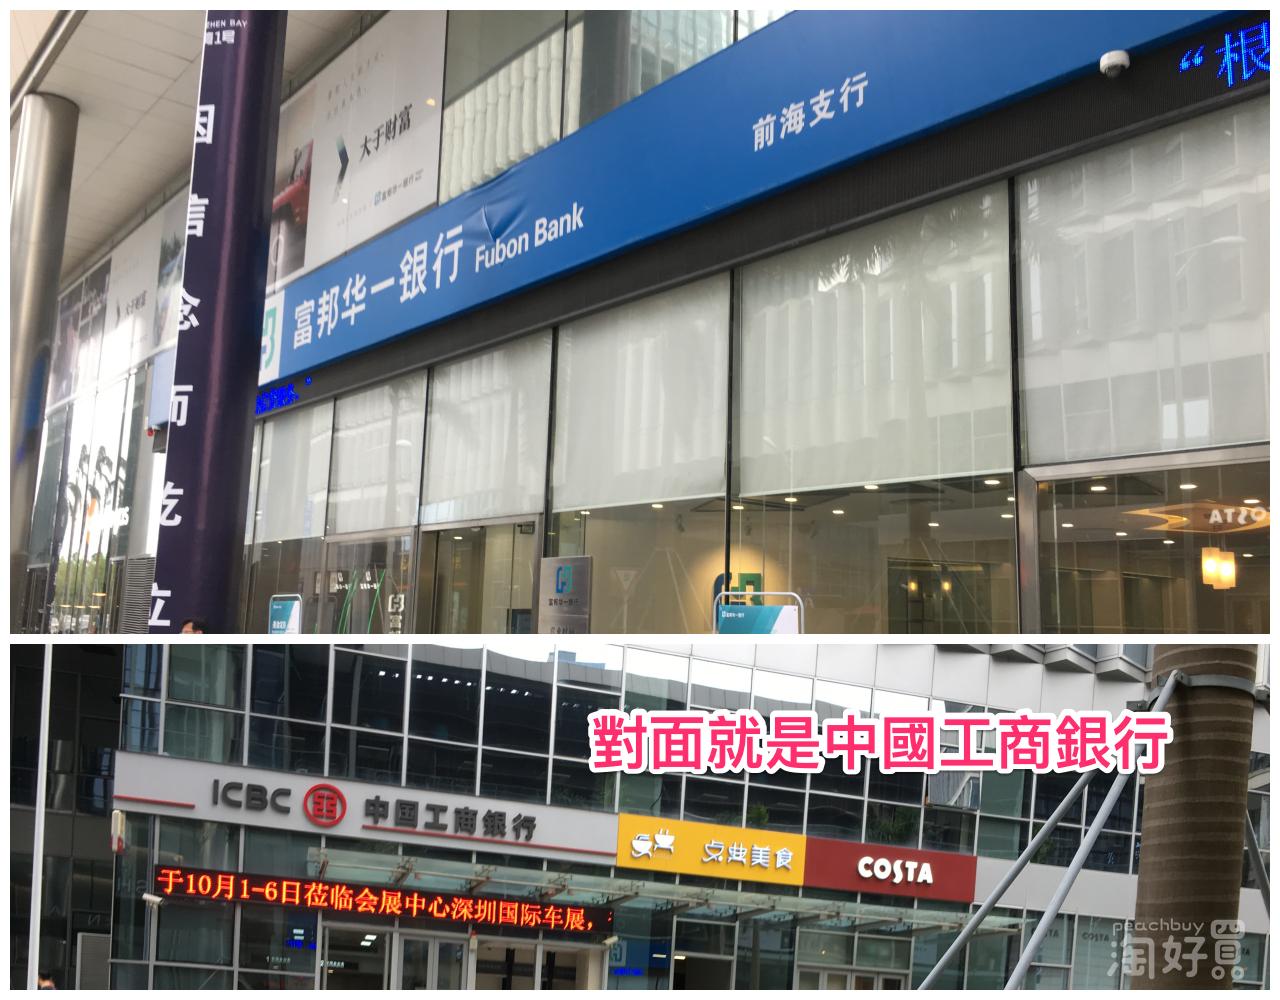 深圳 華一銀行 前海分行 位置